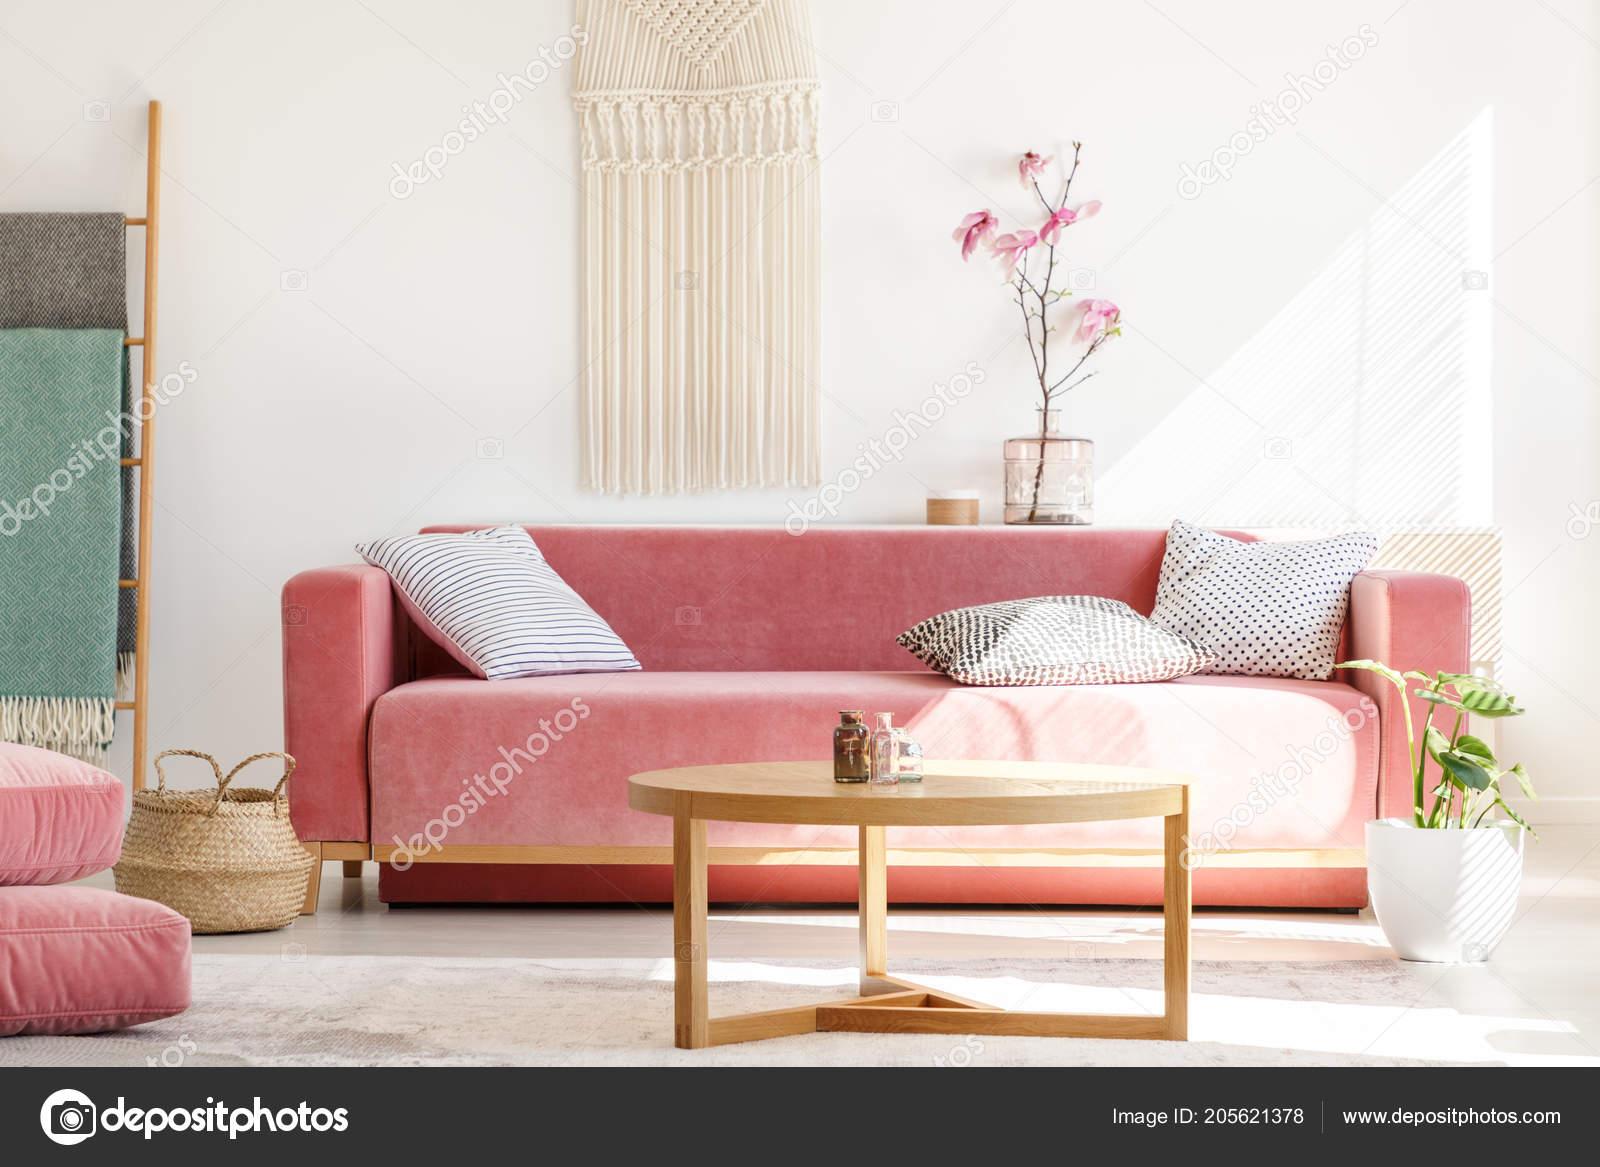 Innenarchitektur Sofa Pastell Beste Wahl Holztisch Vor Roten Wohnzimmer Interieur Mit Blumen